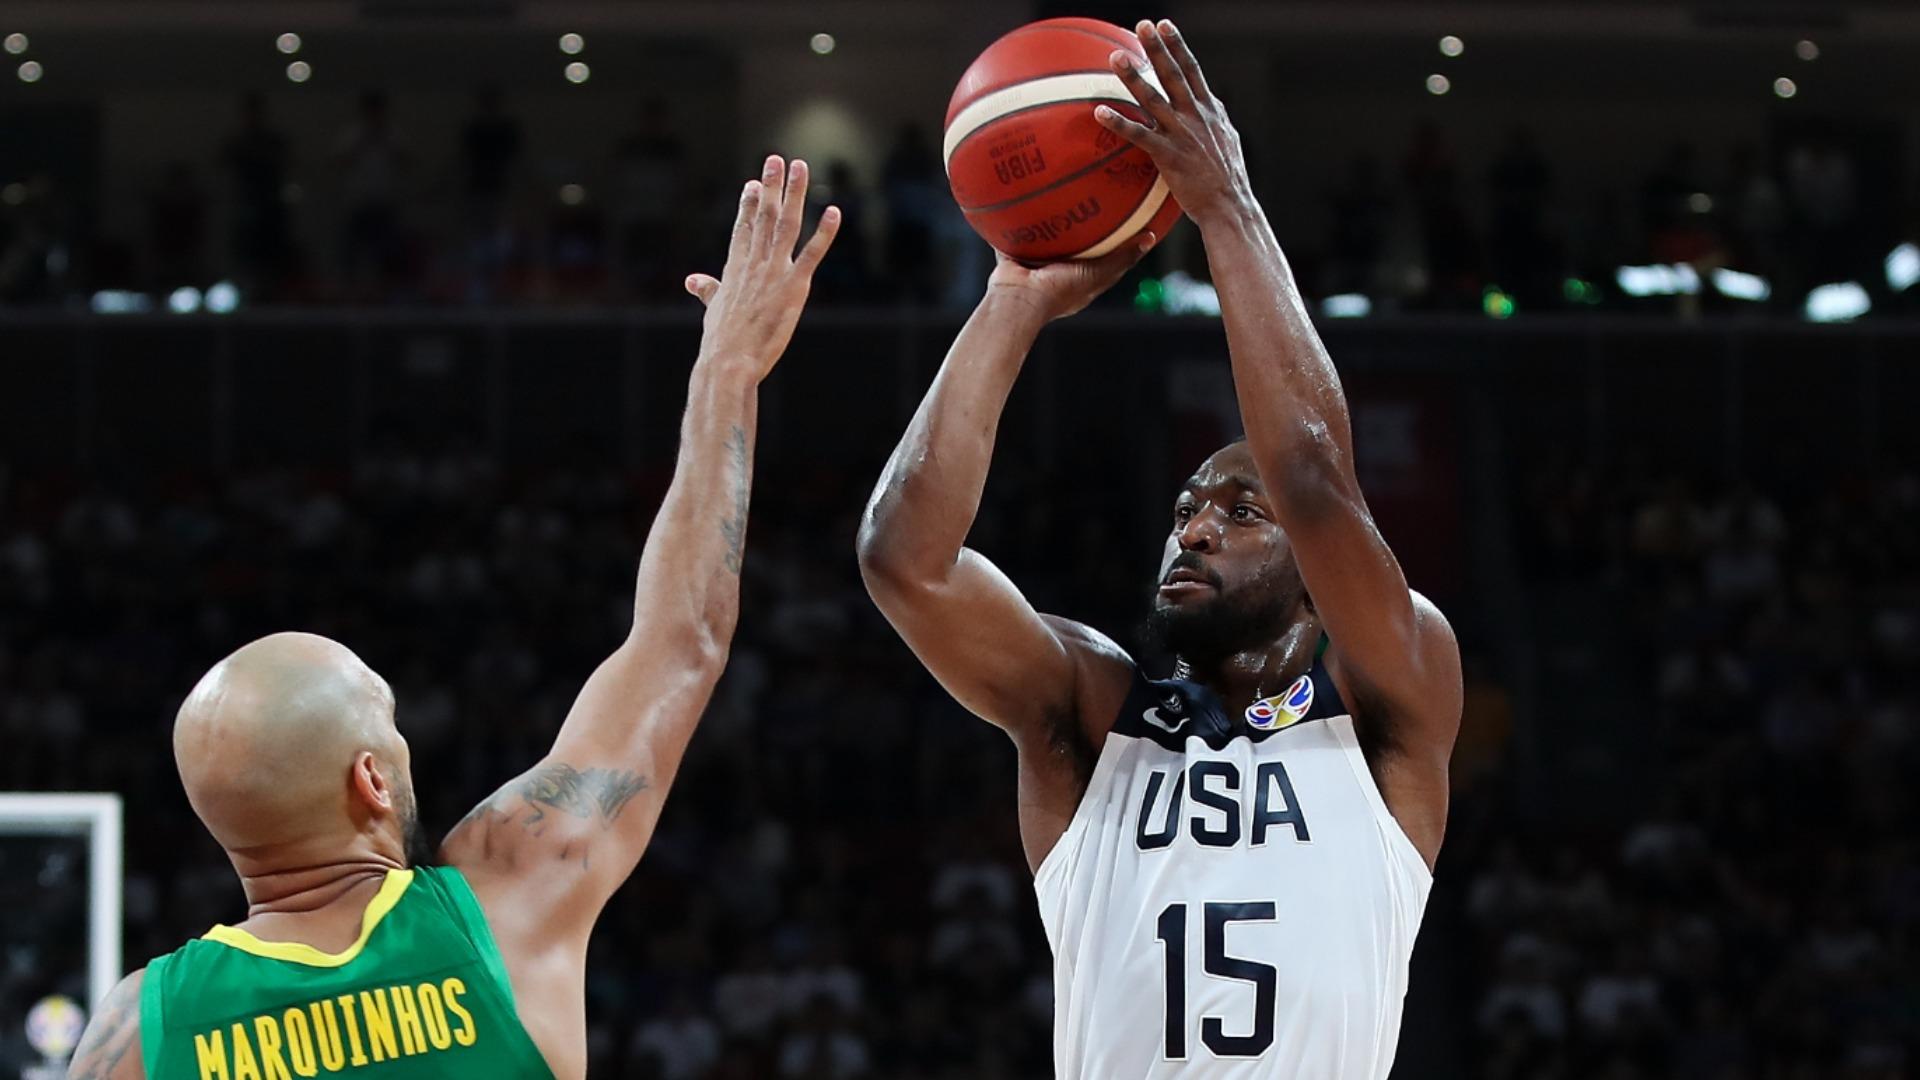 FIBA World Cup 2019: Team USA send Czech Republic through, champs face France next